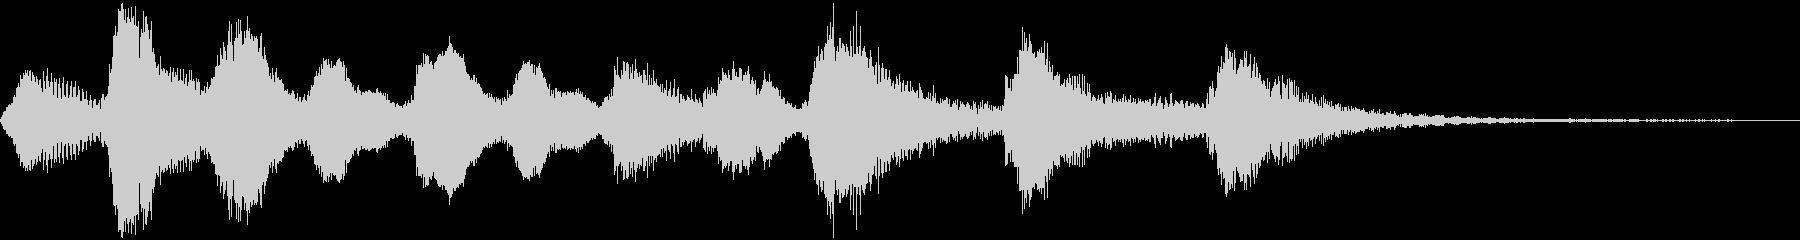 ほのぼのとした管弦楽のジングルの未再生の波形